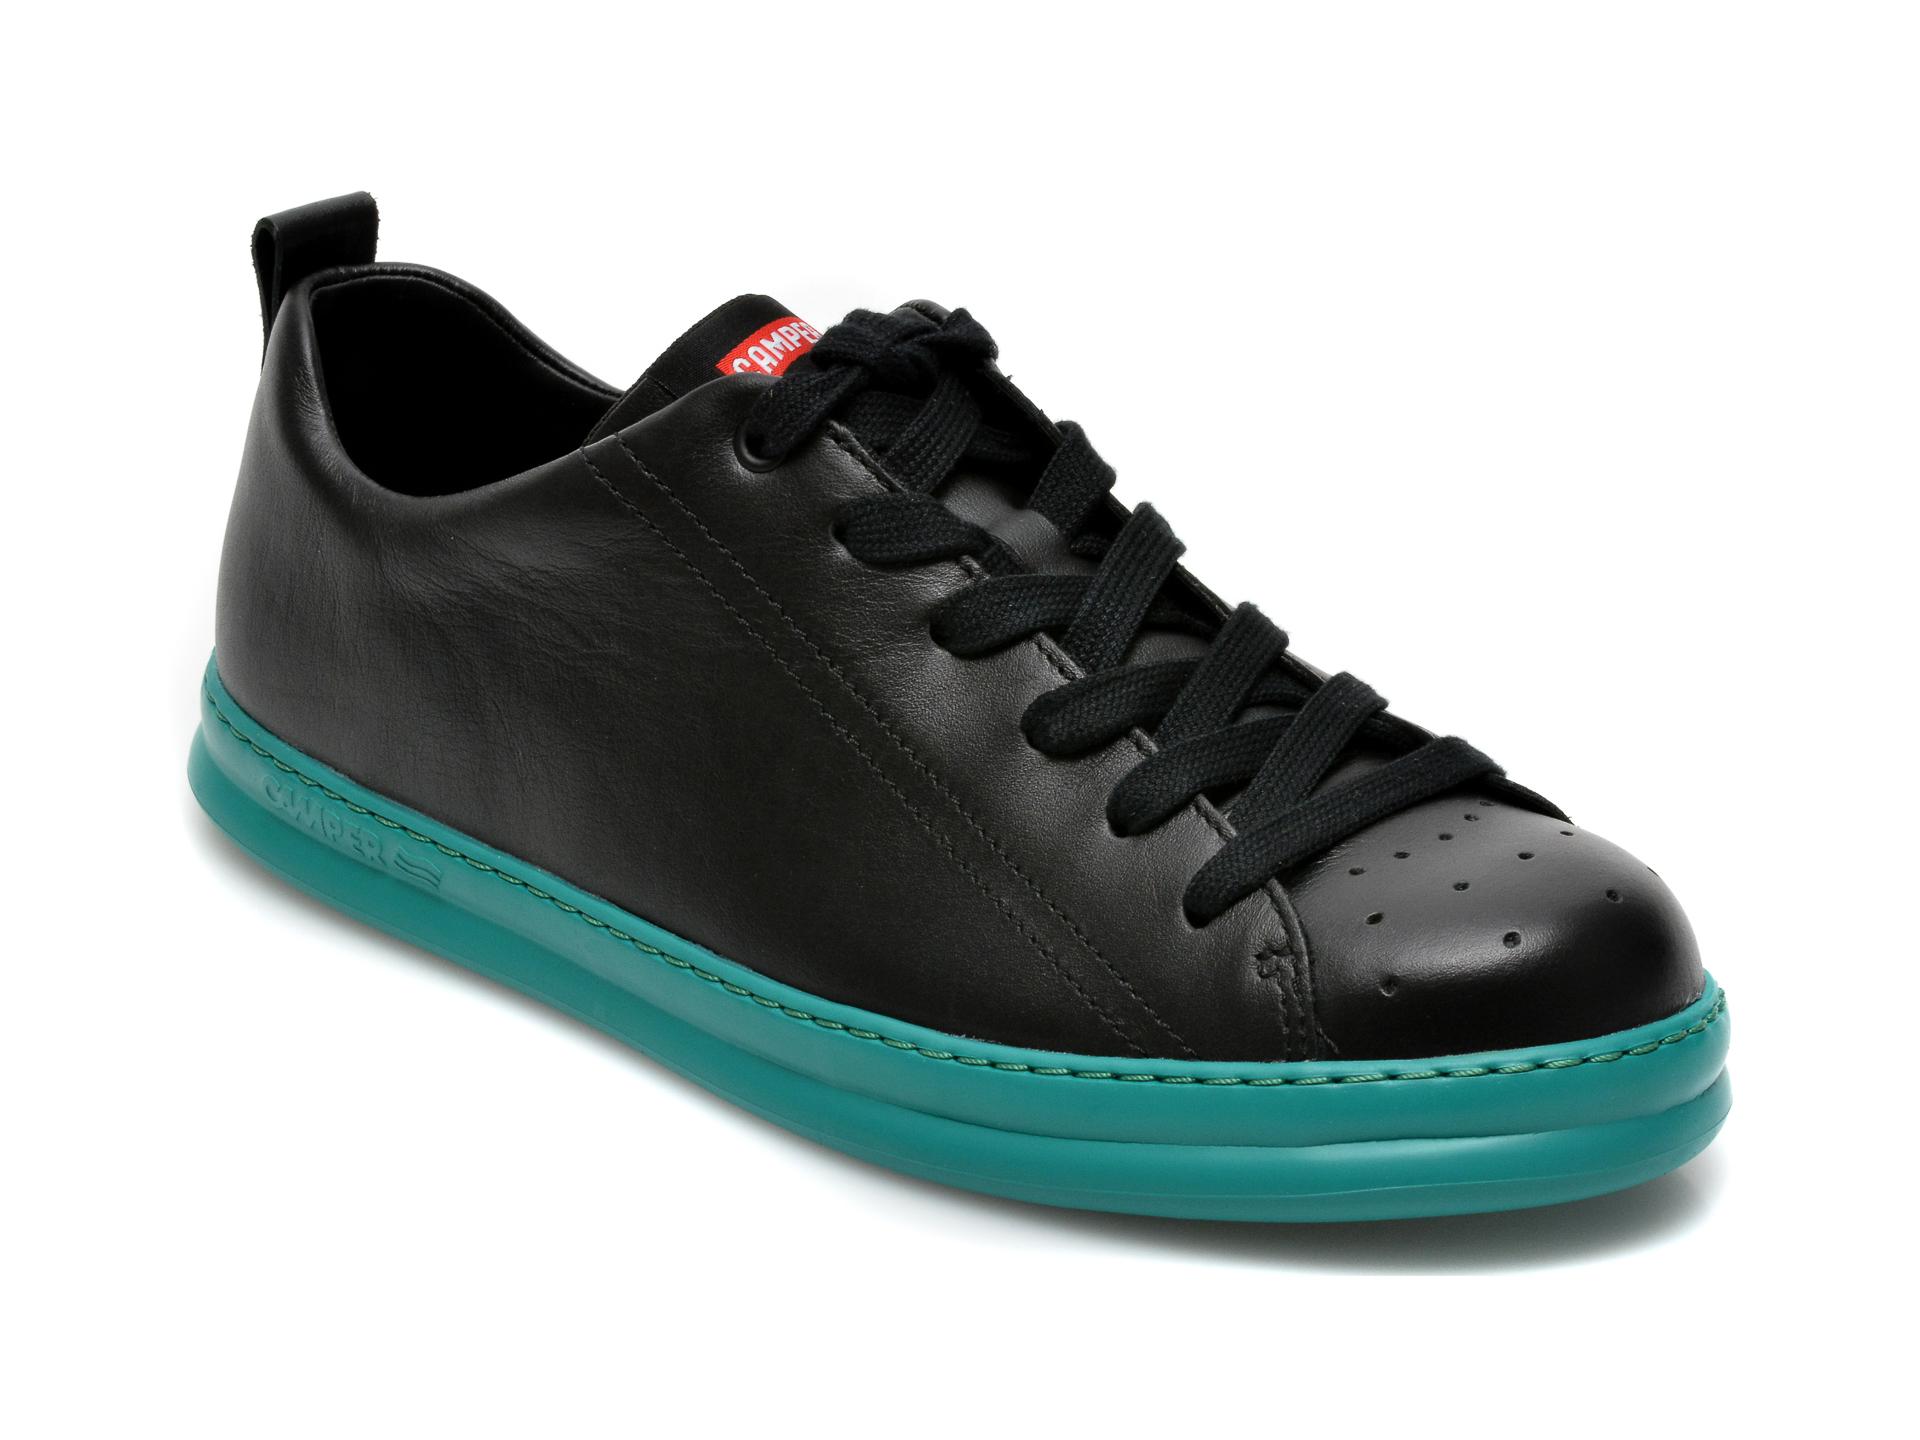 Pantofi sport CAMPER negri, K100226, din piele naturala